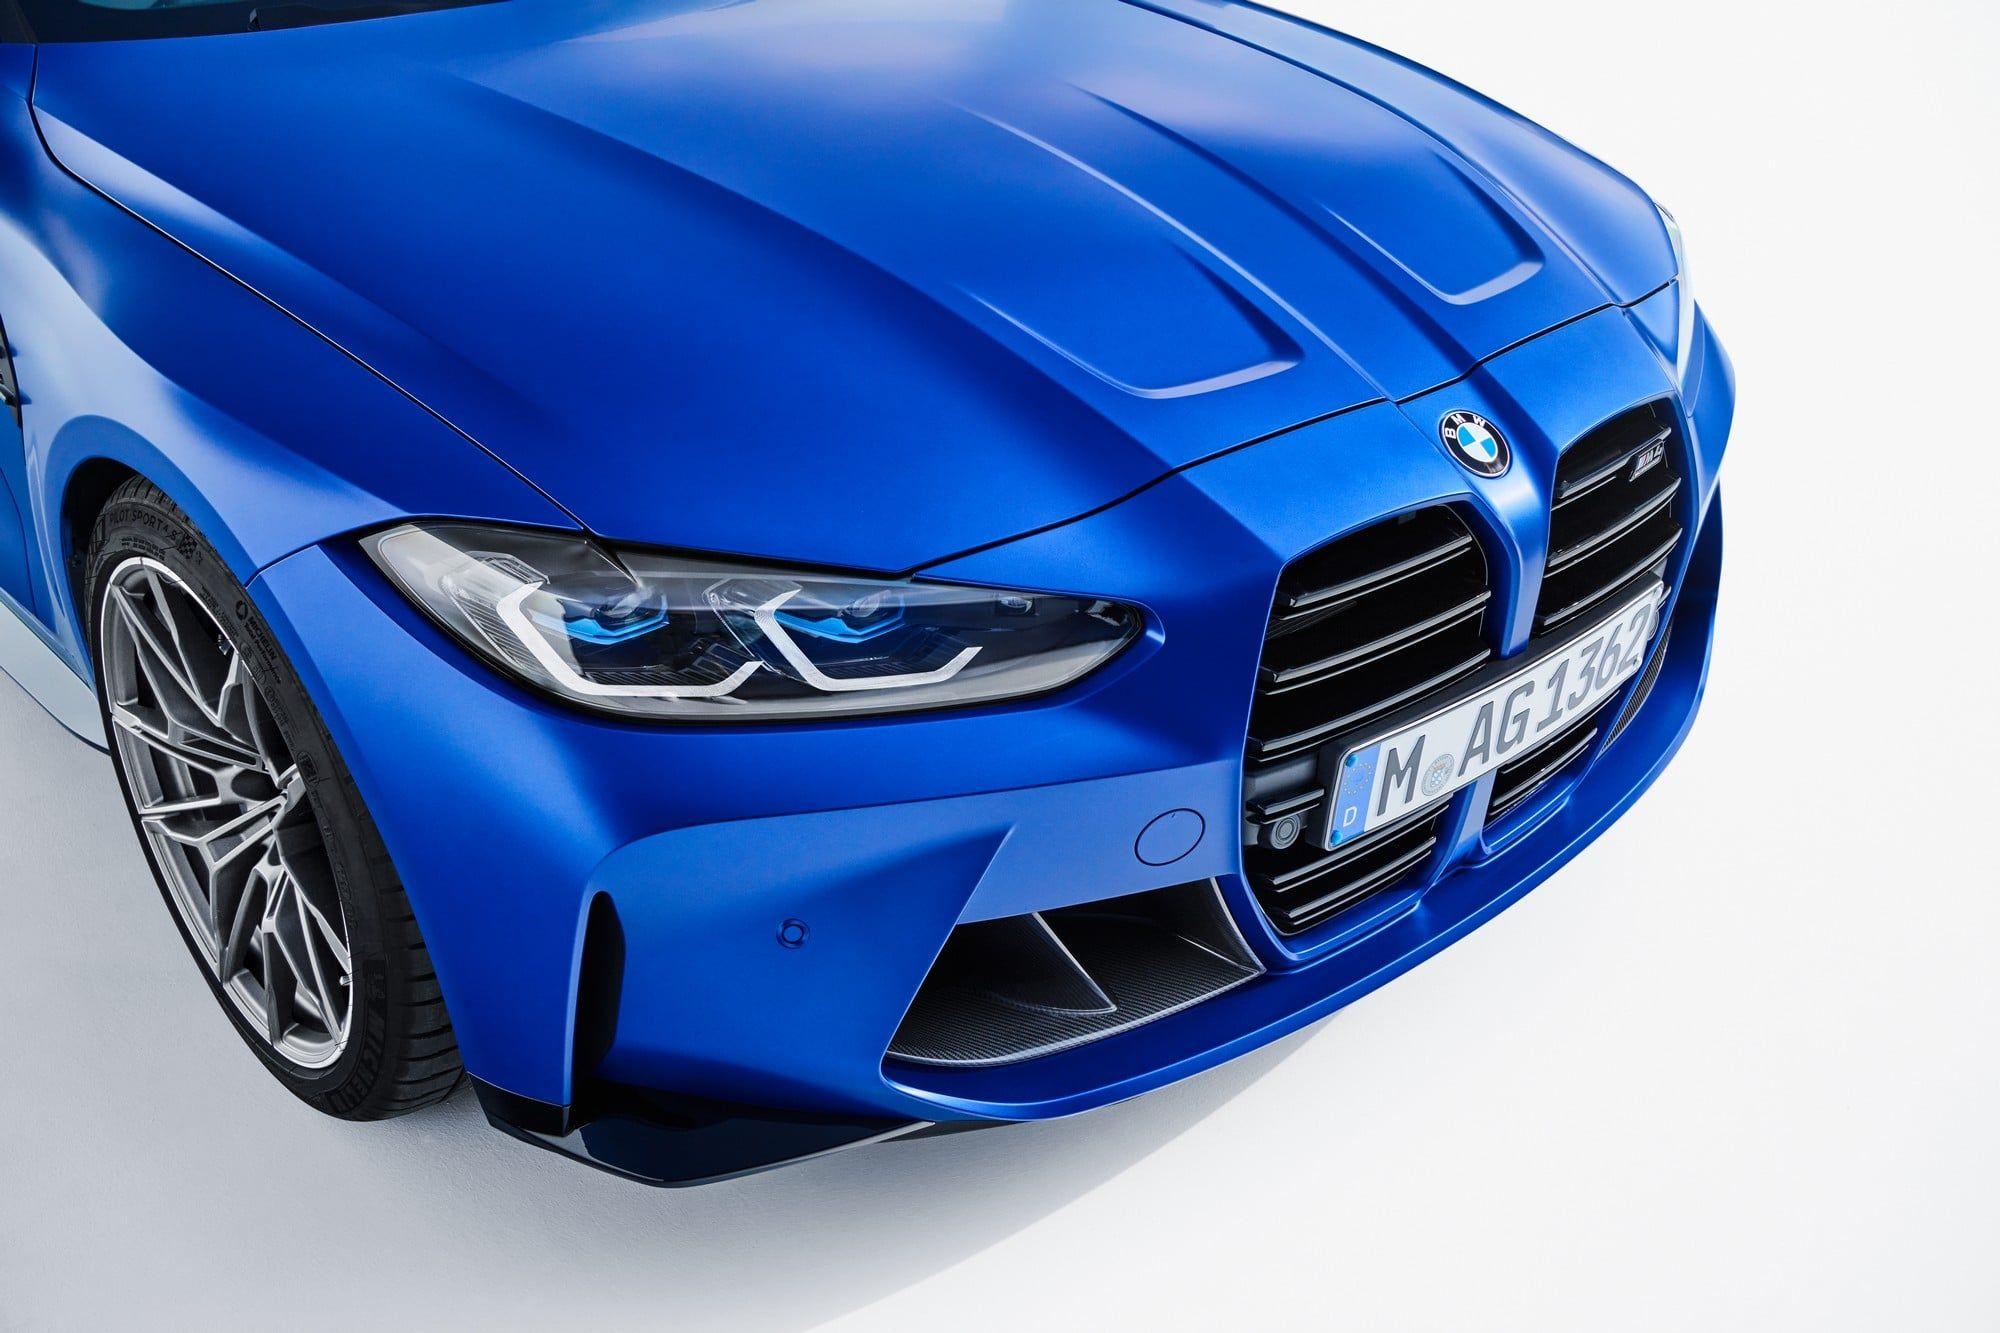 BMW M4 cabriolet 2021